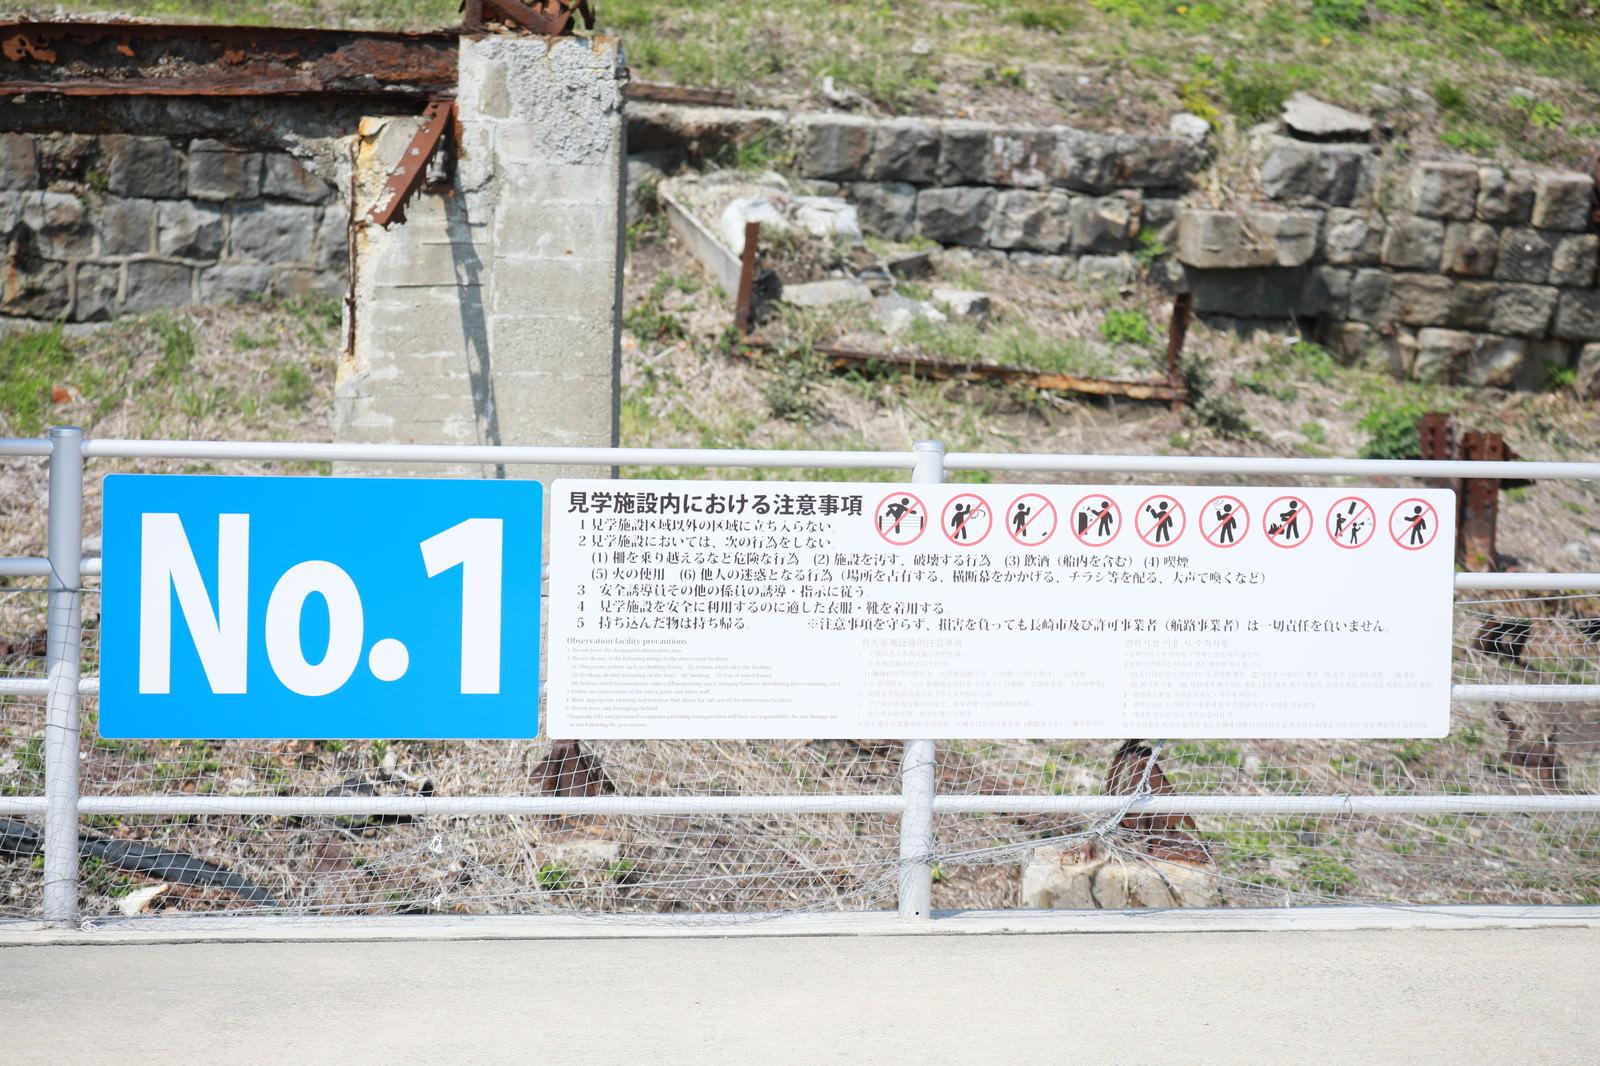 「見学施設内における注意事項(軍艦島)」の写真